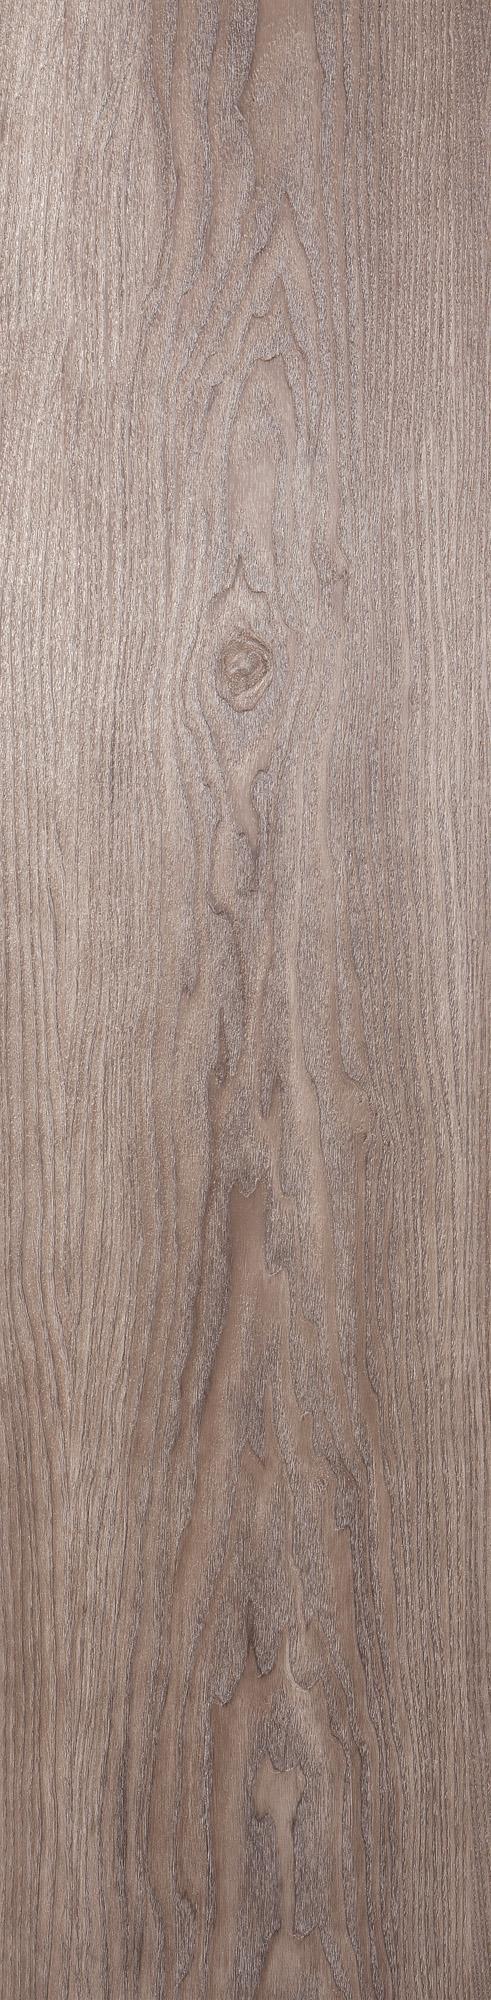 Plinthe - Chêne pédonculé blanchi